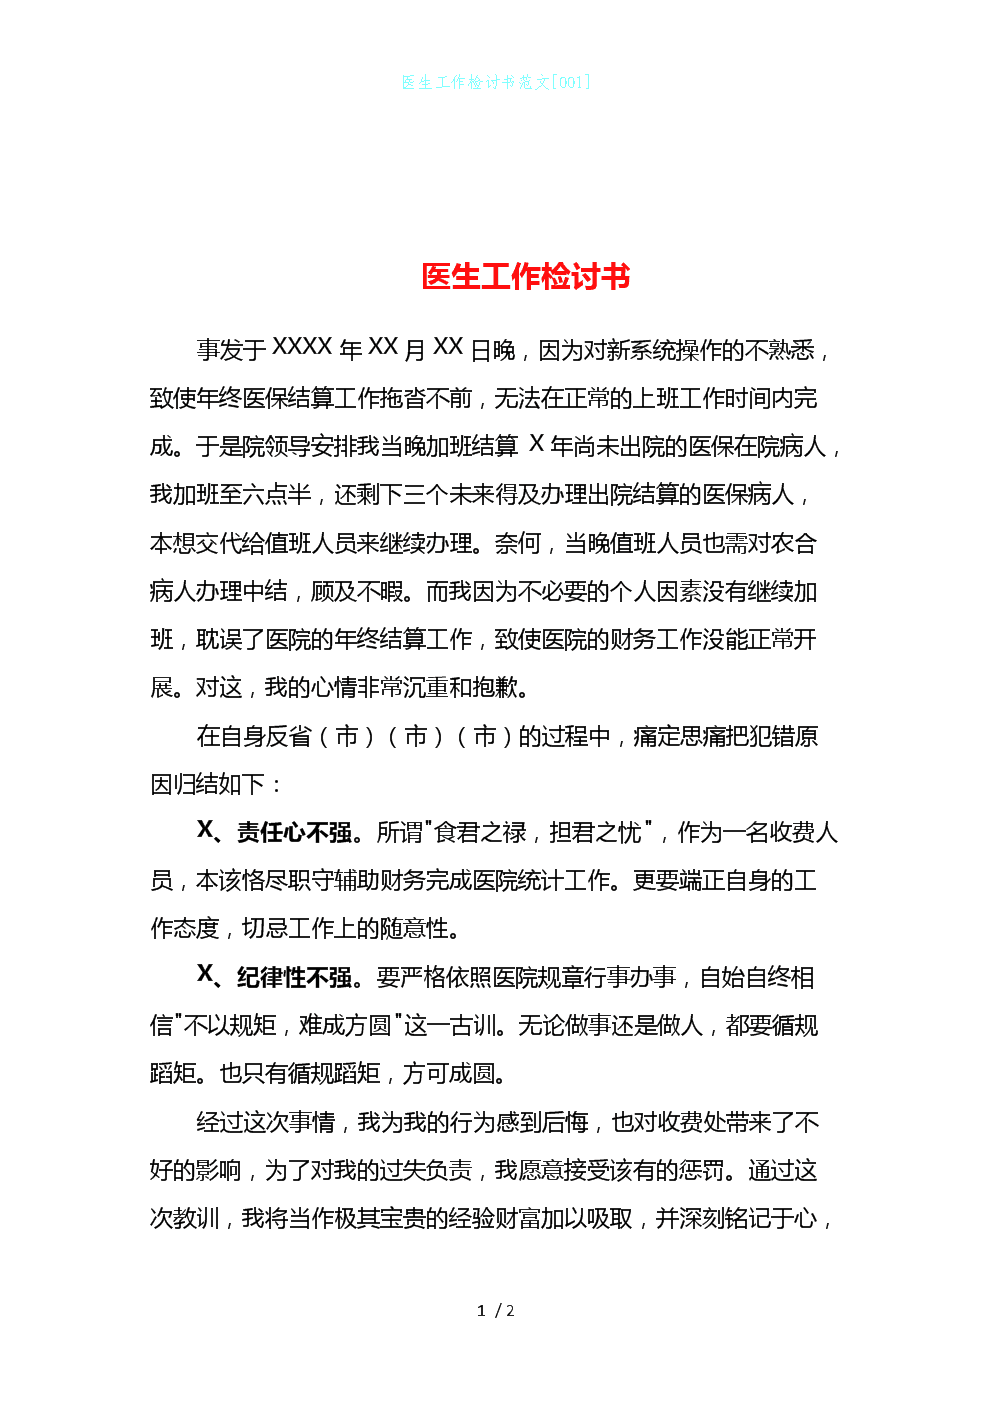 医生工作检讨书范文[001].docx